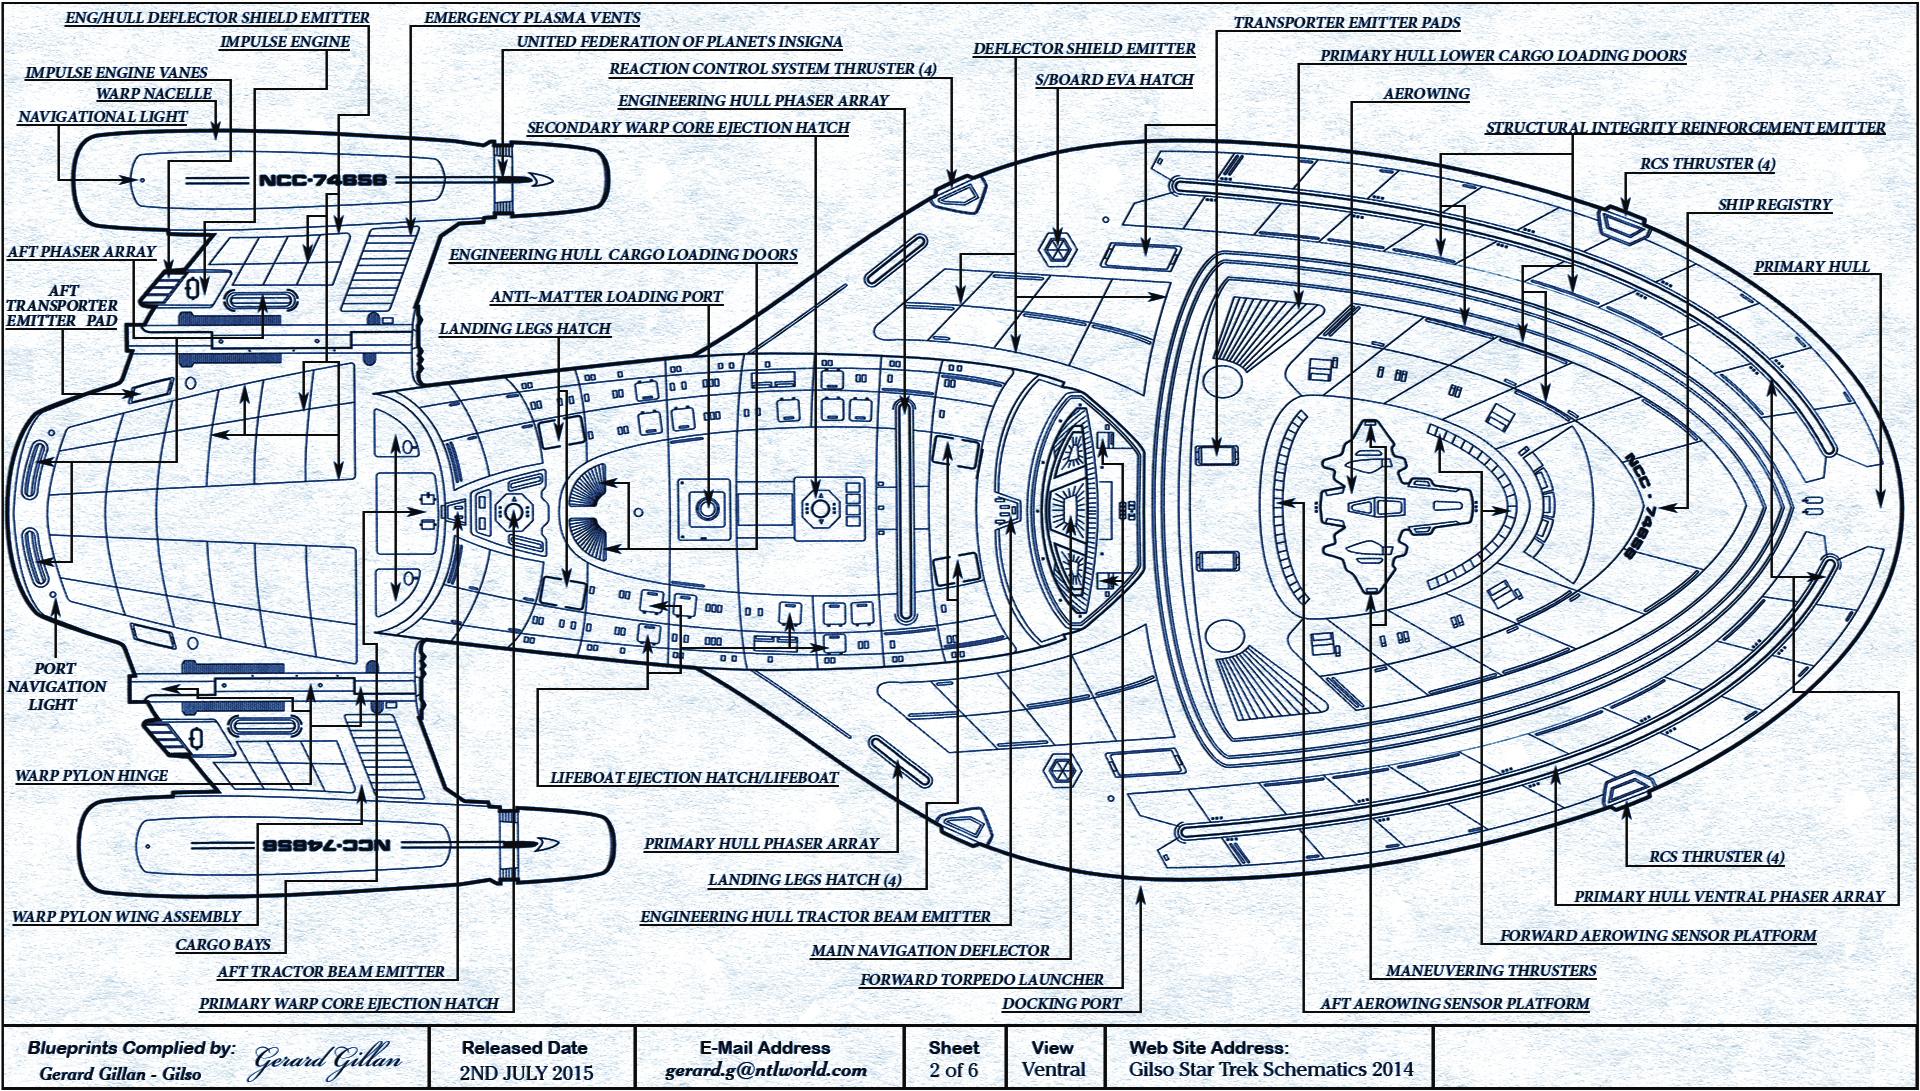 voyager schematics